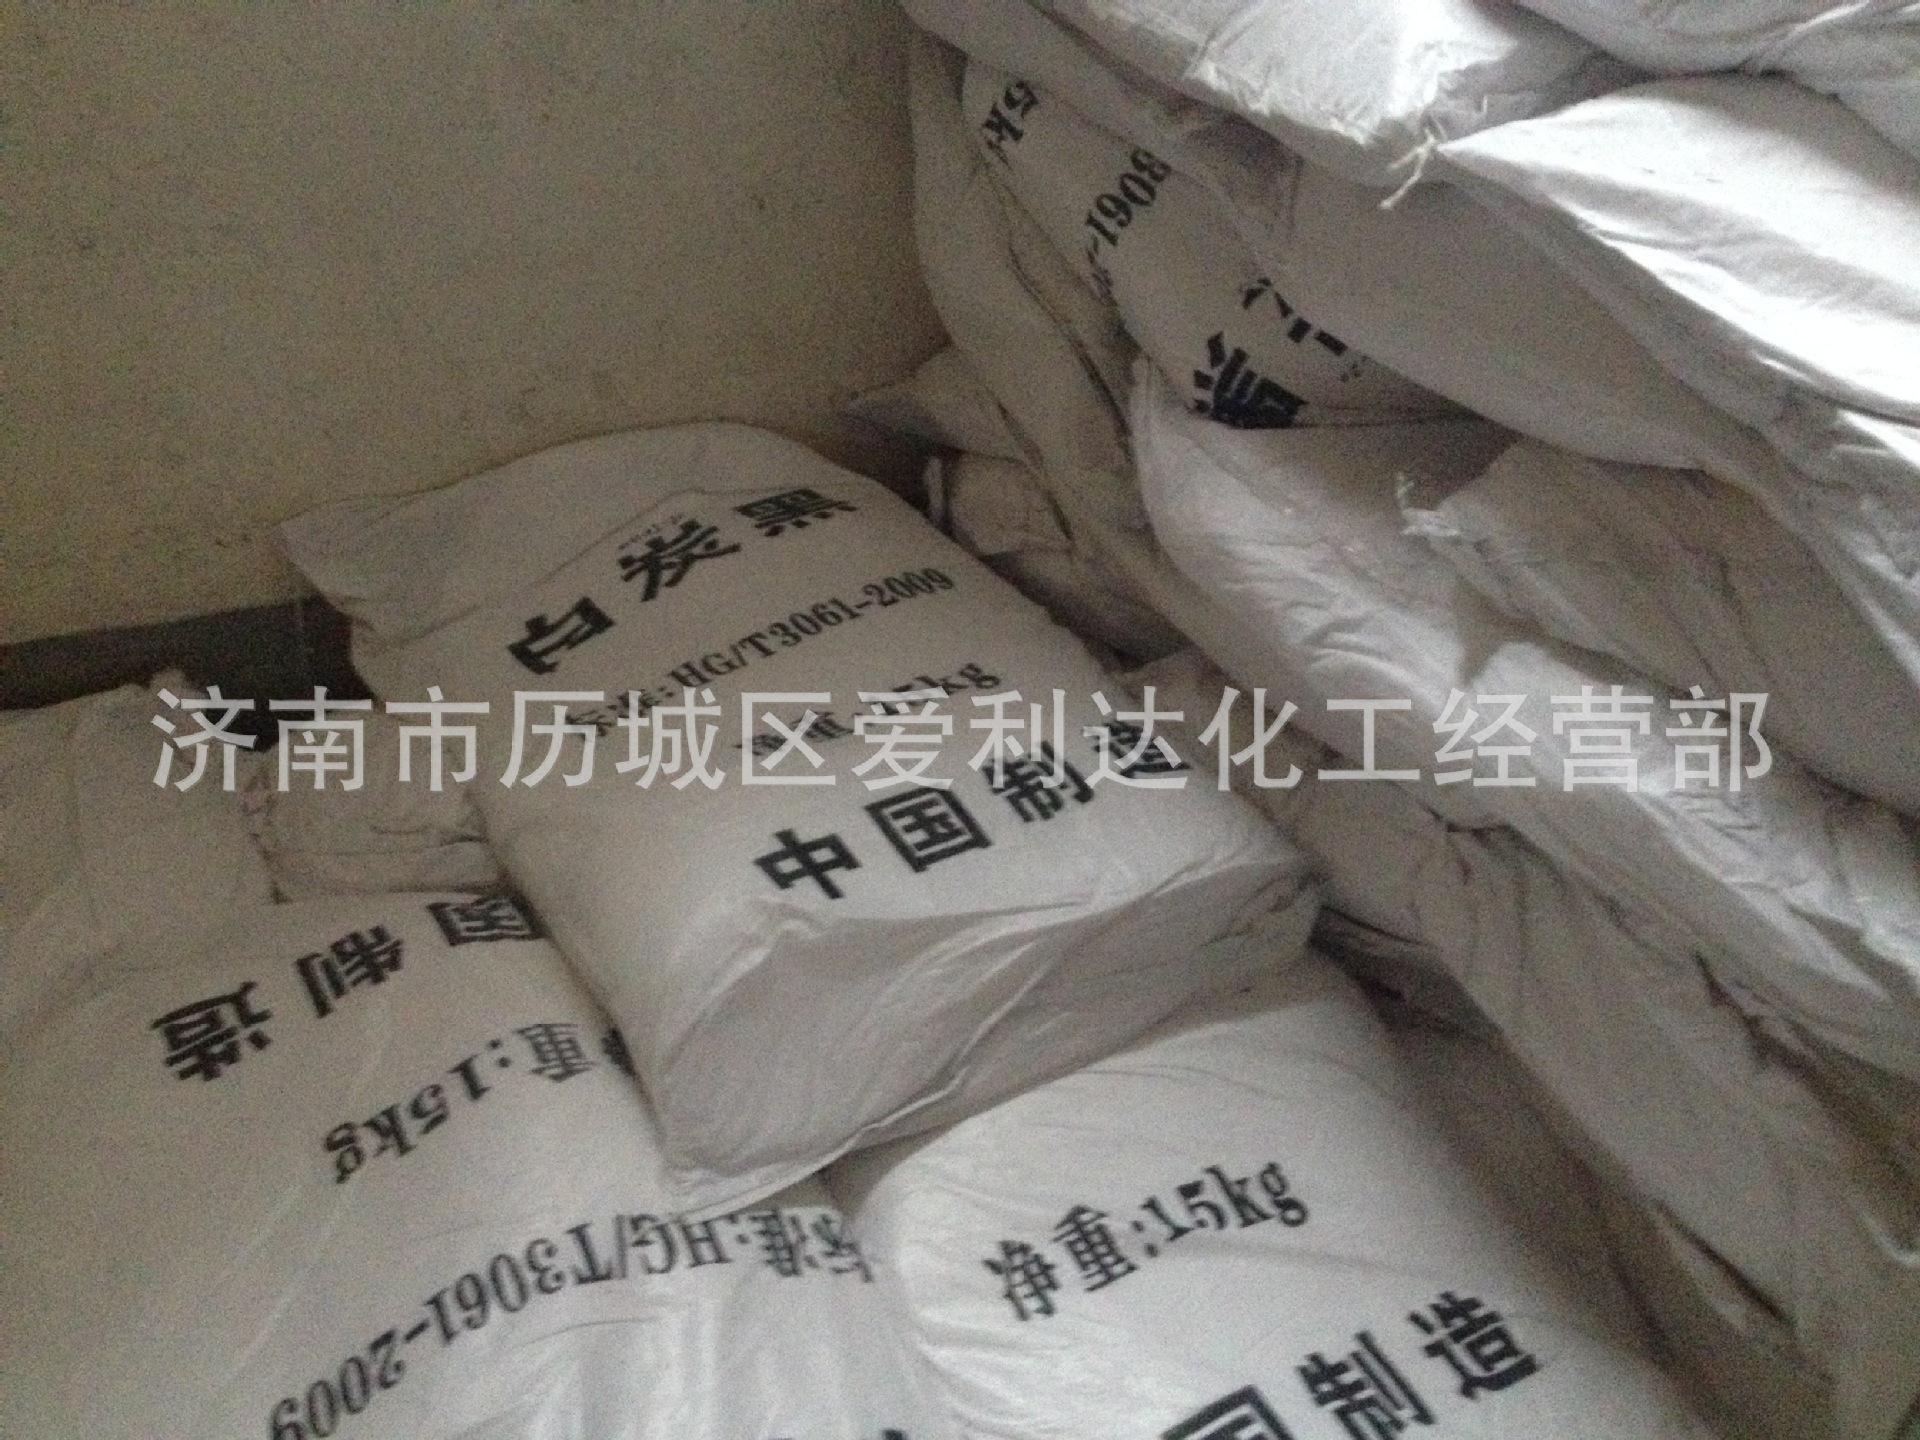 供应白炭黑 沉淀法99%二氧化硅 肥料厂用白炭黑